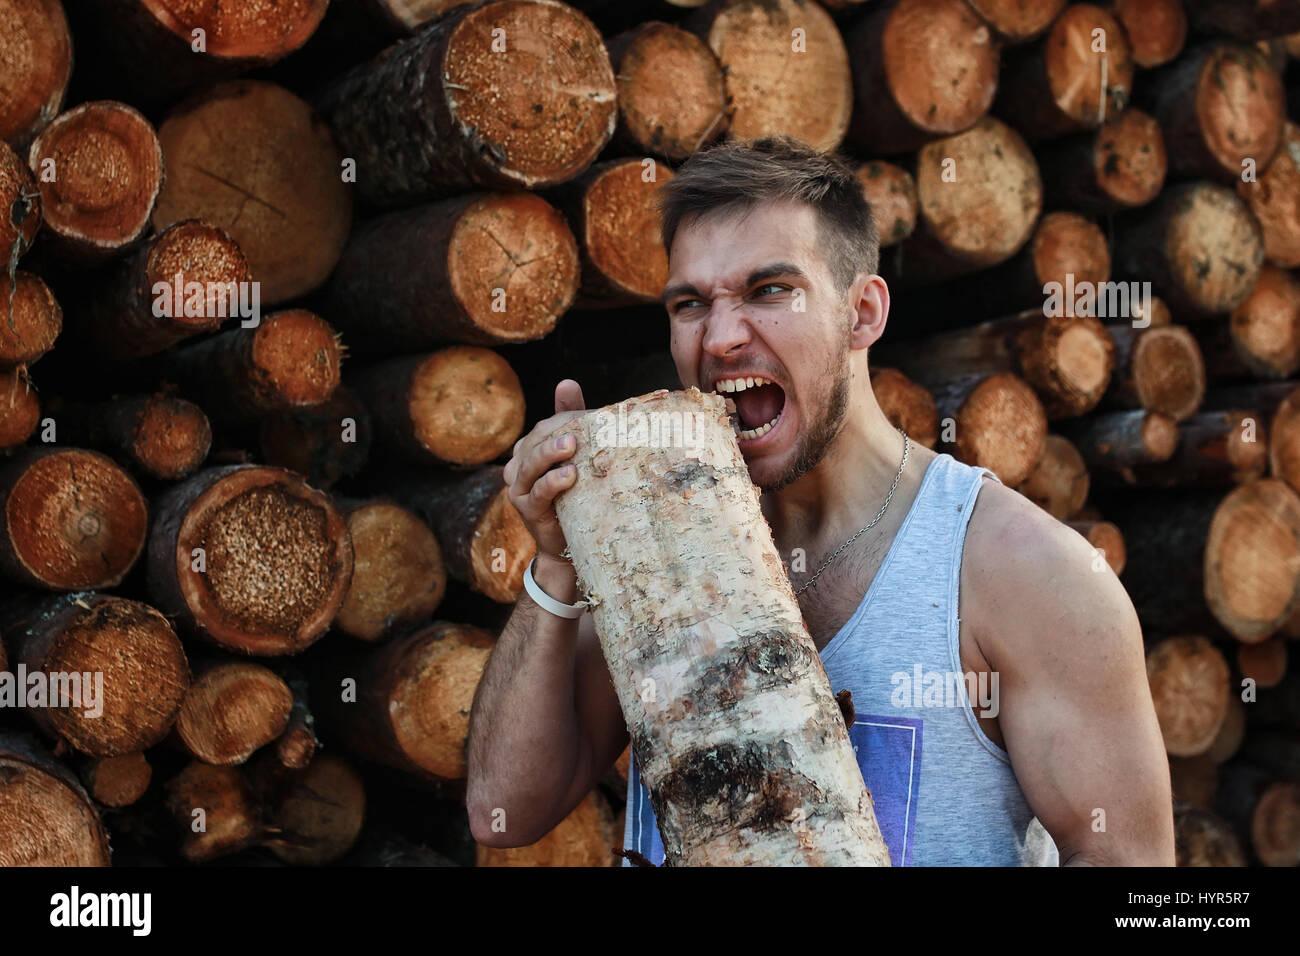 bärtige Person in der Nähe von Holz-Haufen Holz Stockbild